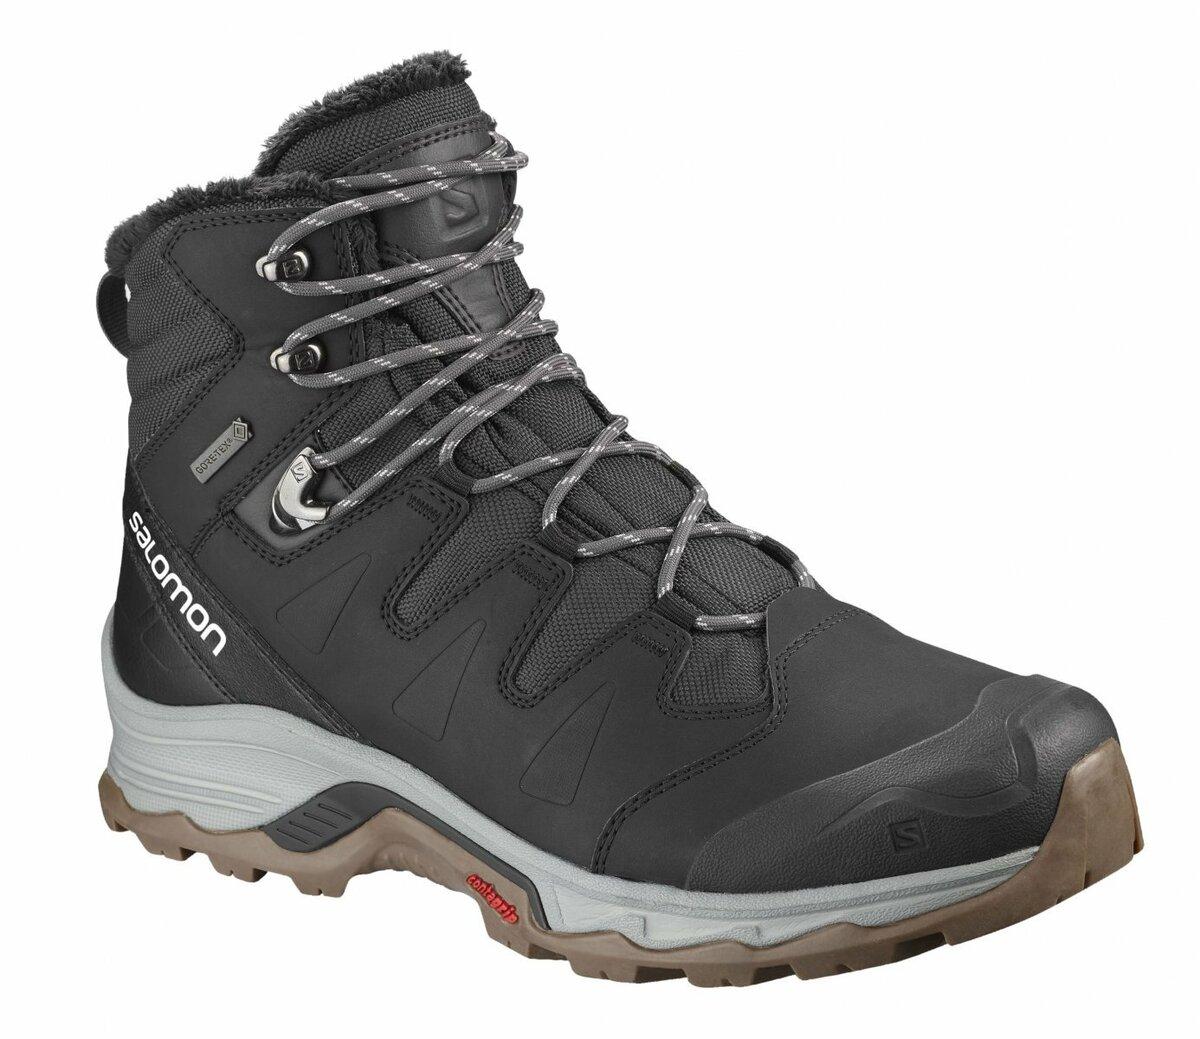 Зимние ботинки Salomon в Житомире